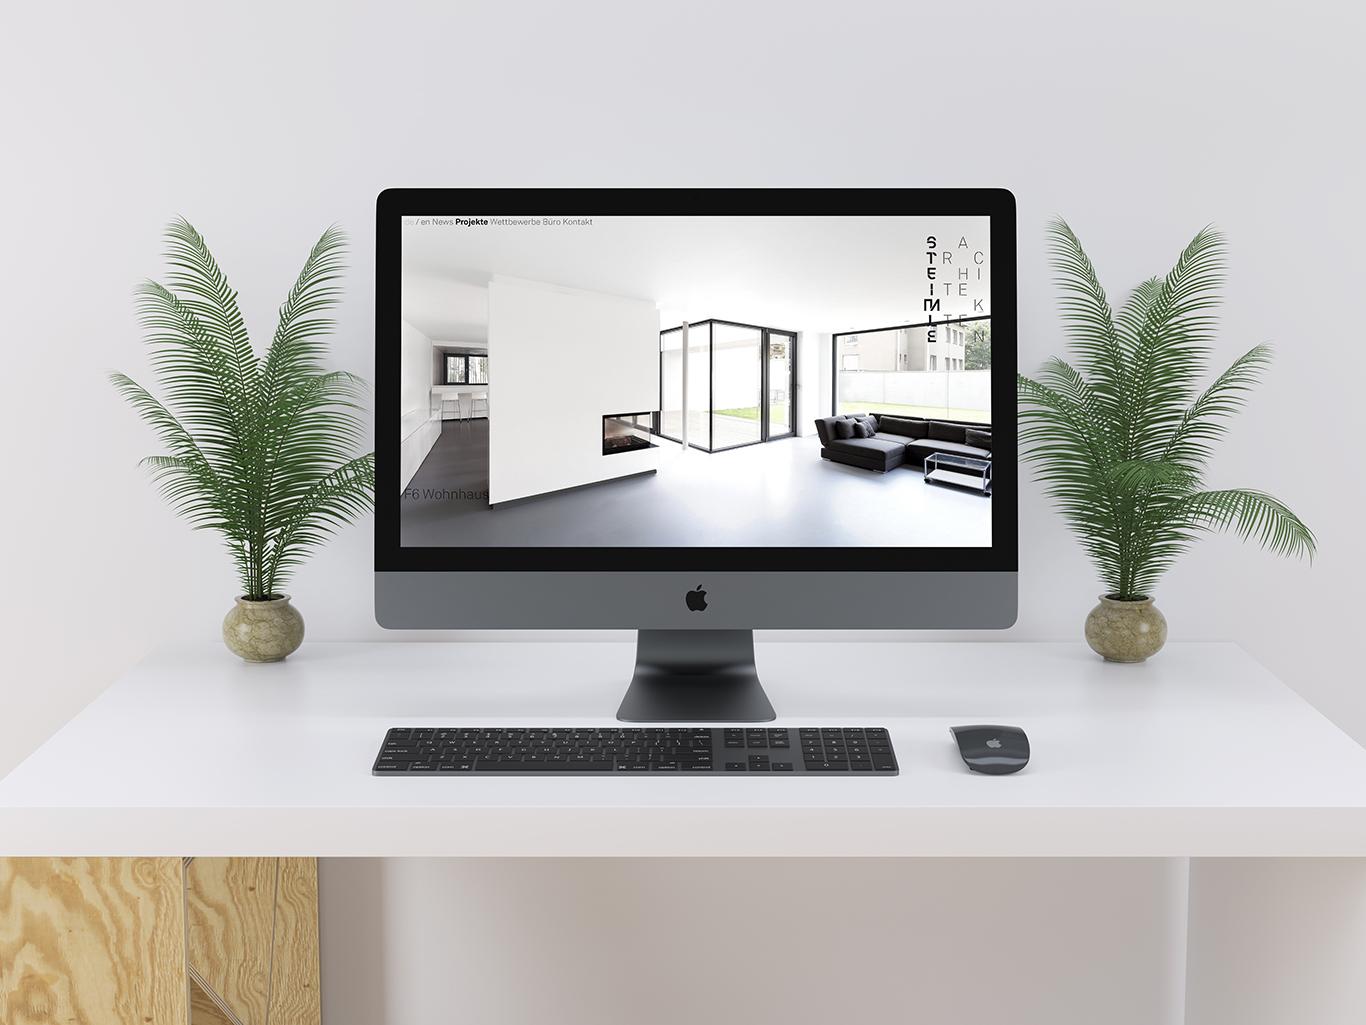 Publikation Steimle Architekten aus Stuttgart als Architekturfotograf